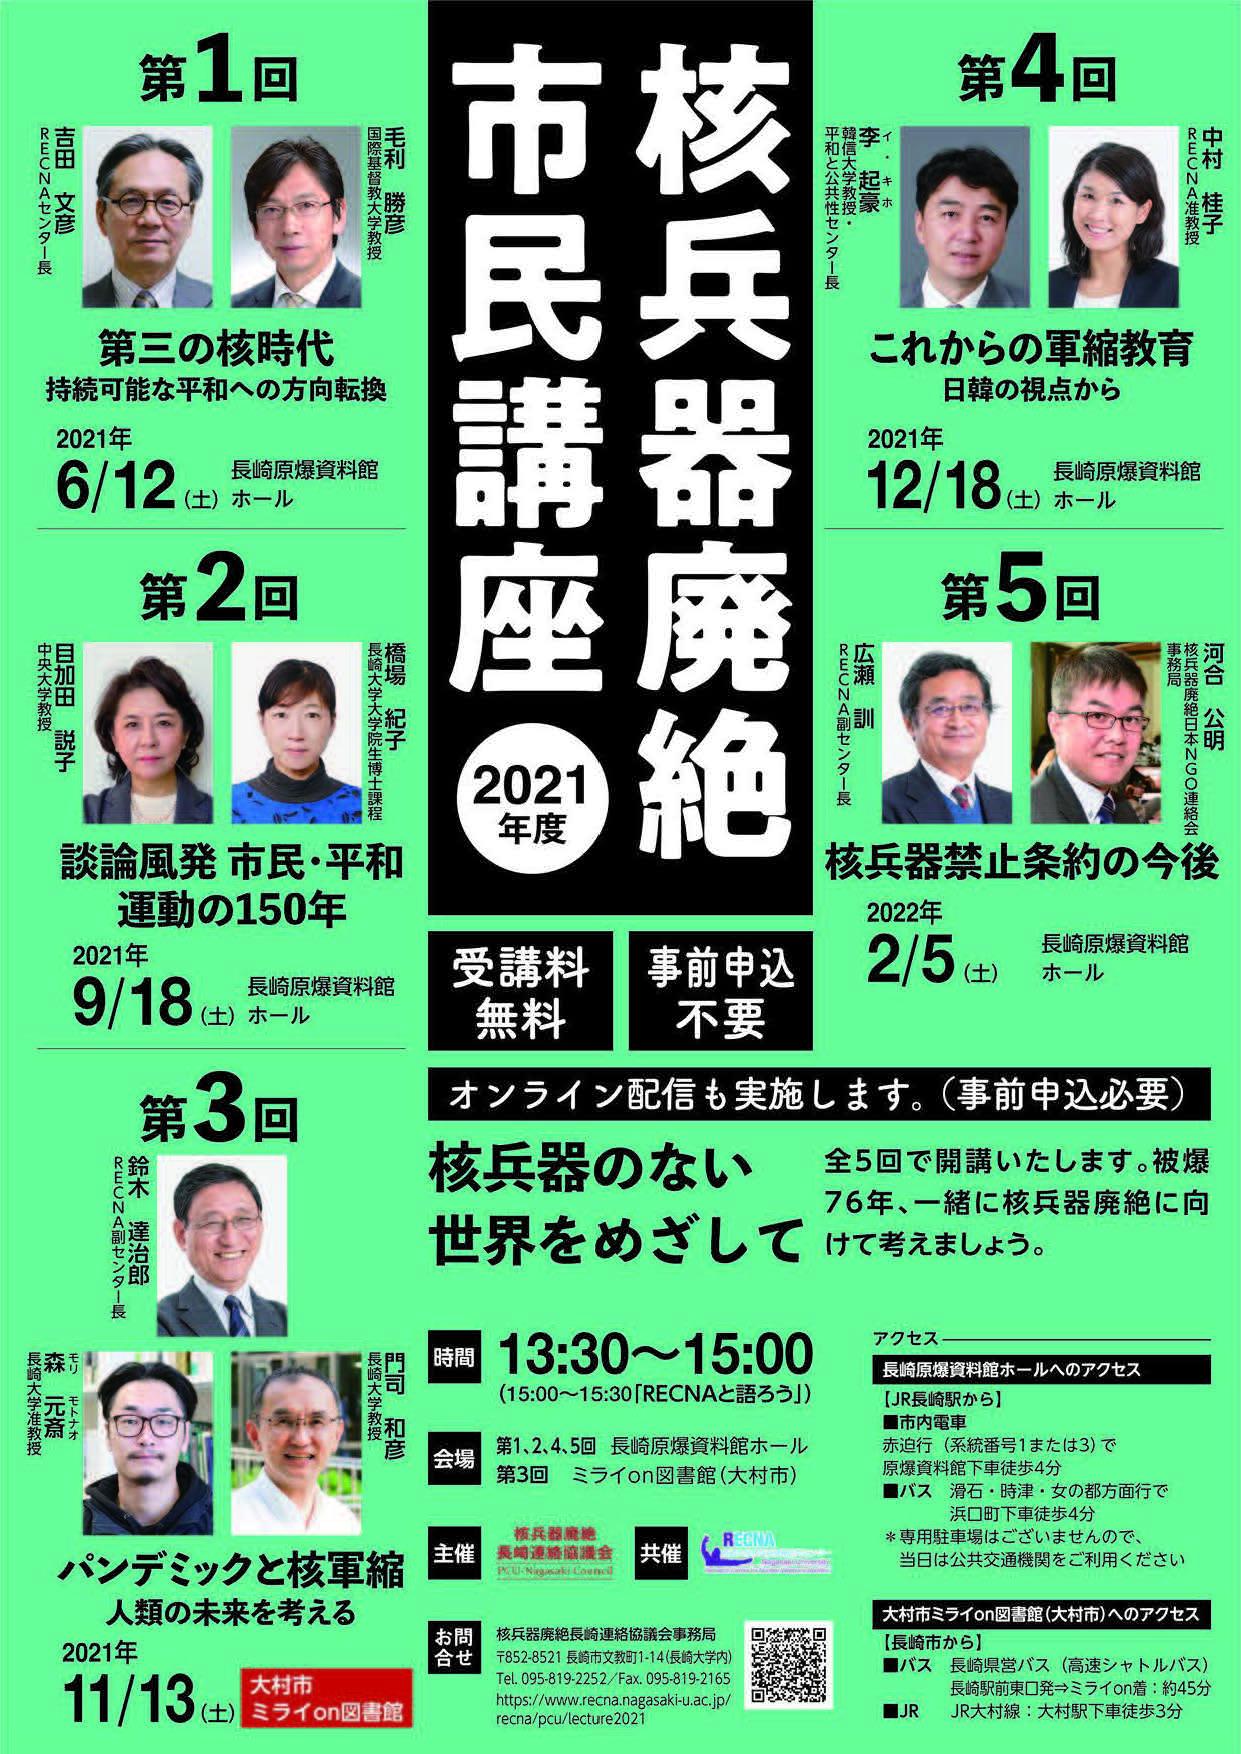 2021年度核兵器廃絶市民講座「核兵器のない世界をめざして」